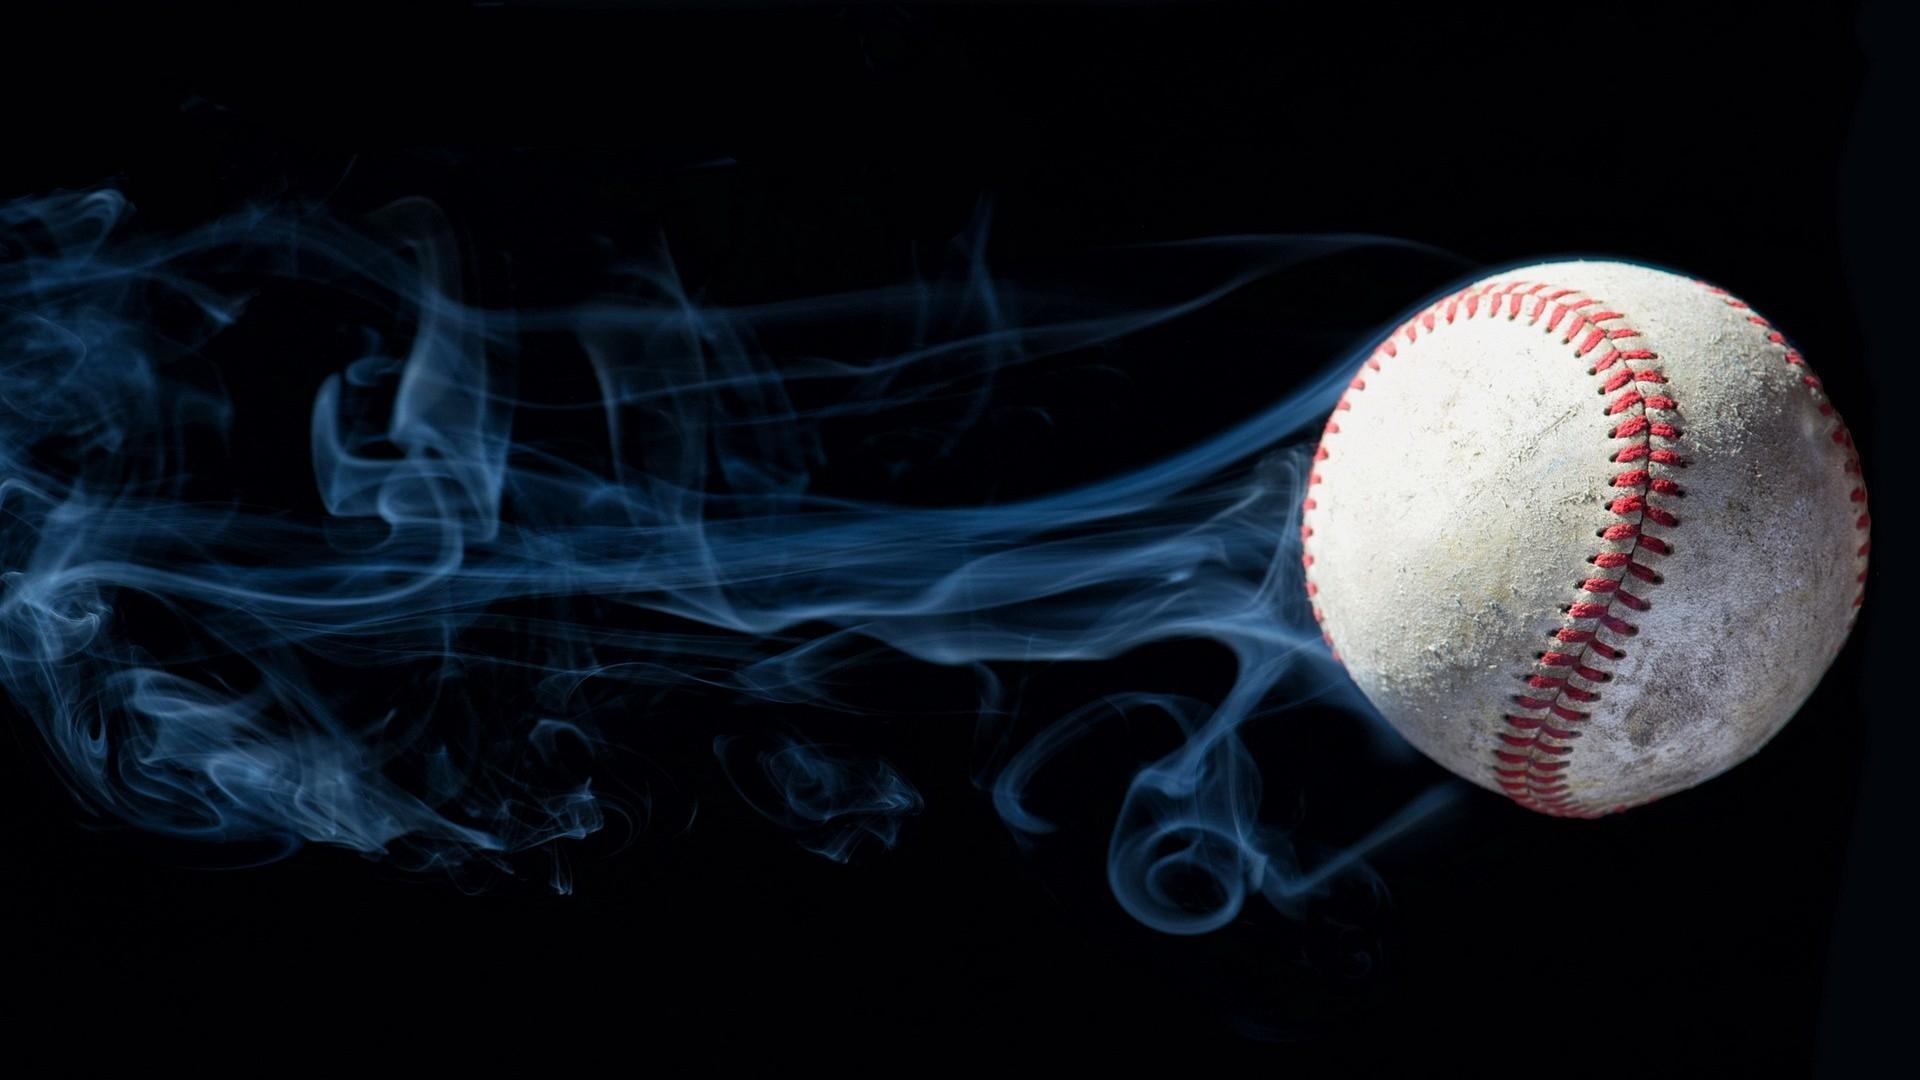 Baseballs Bests Design Backgrounds